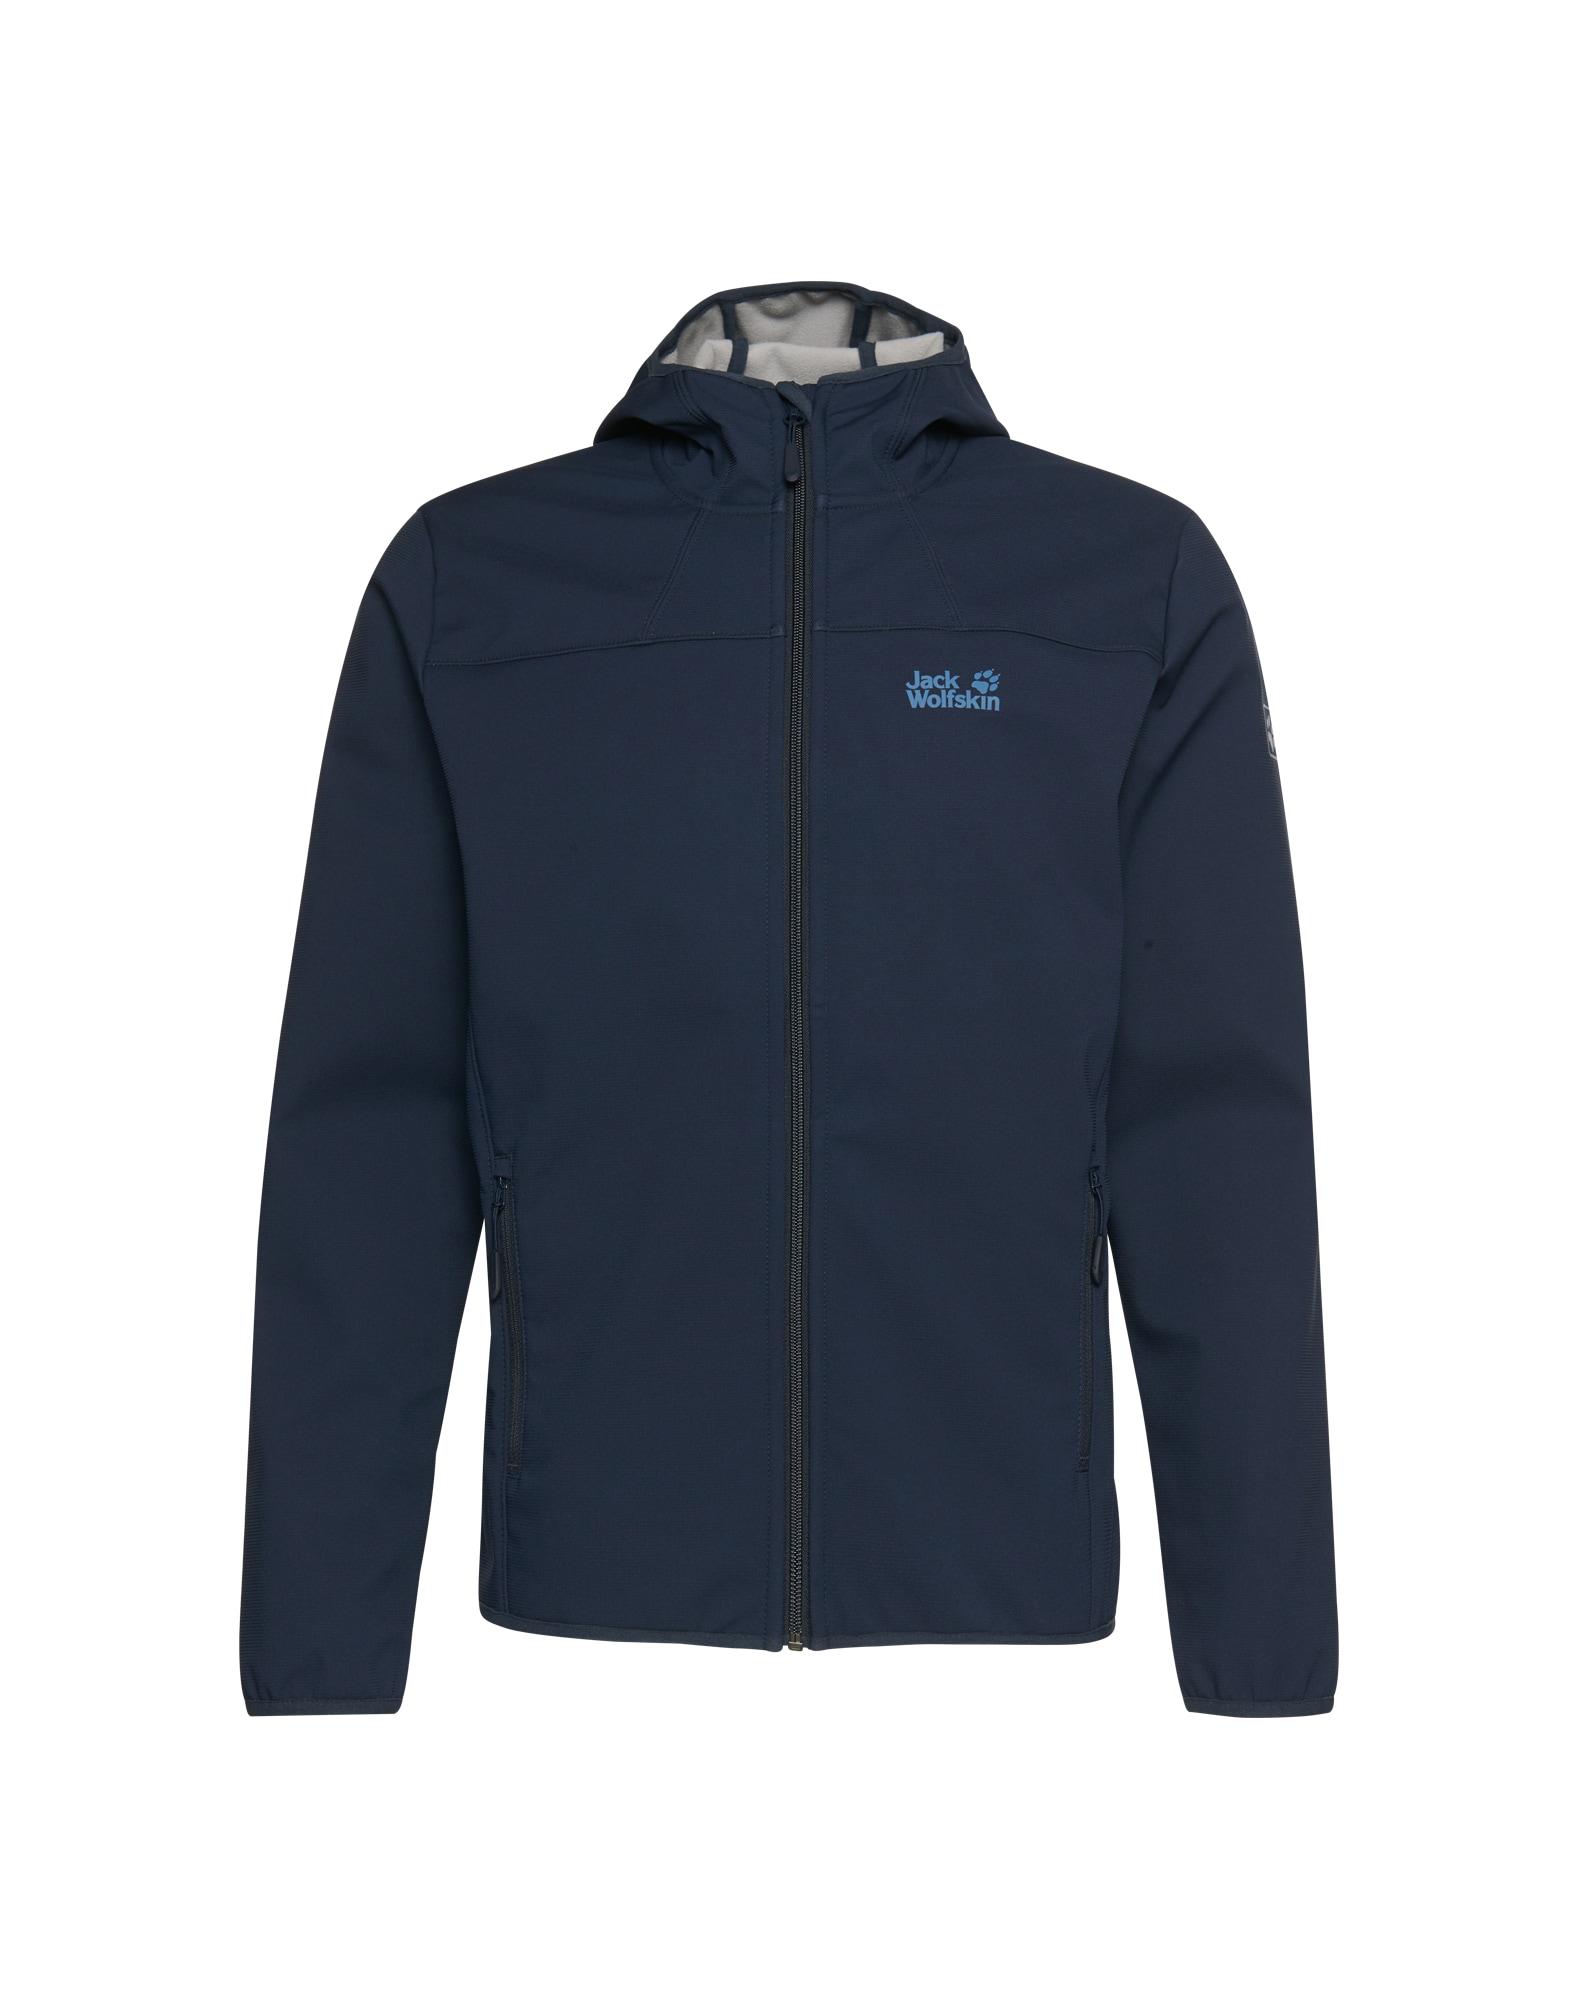 Outdoorová bunda NORTHERN POINT námořnická modř JACK WOLFSKIN